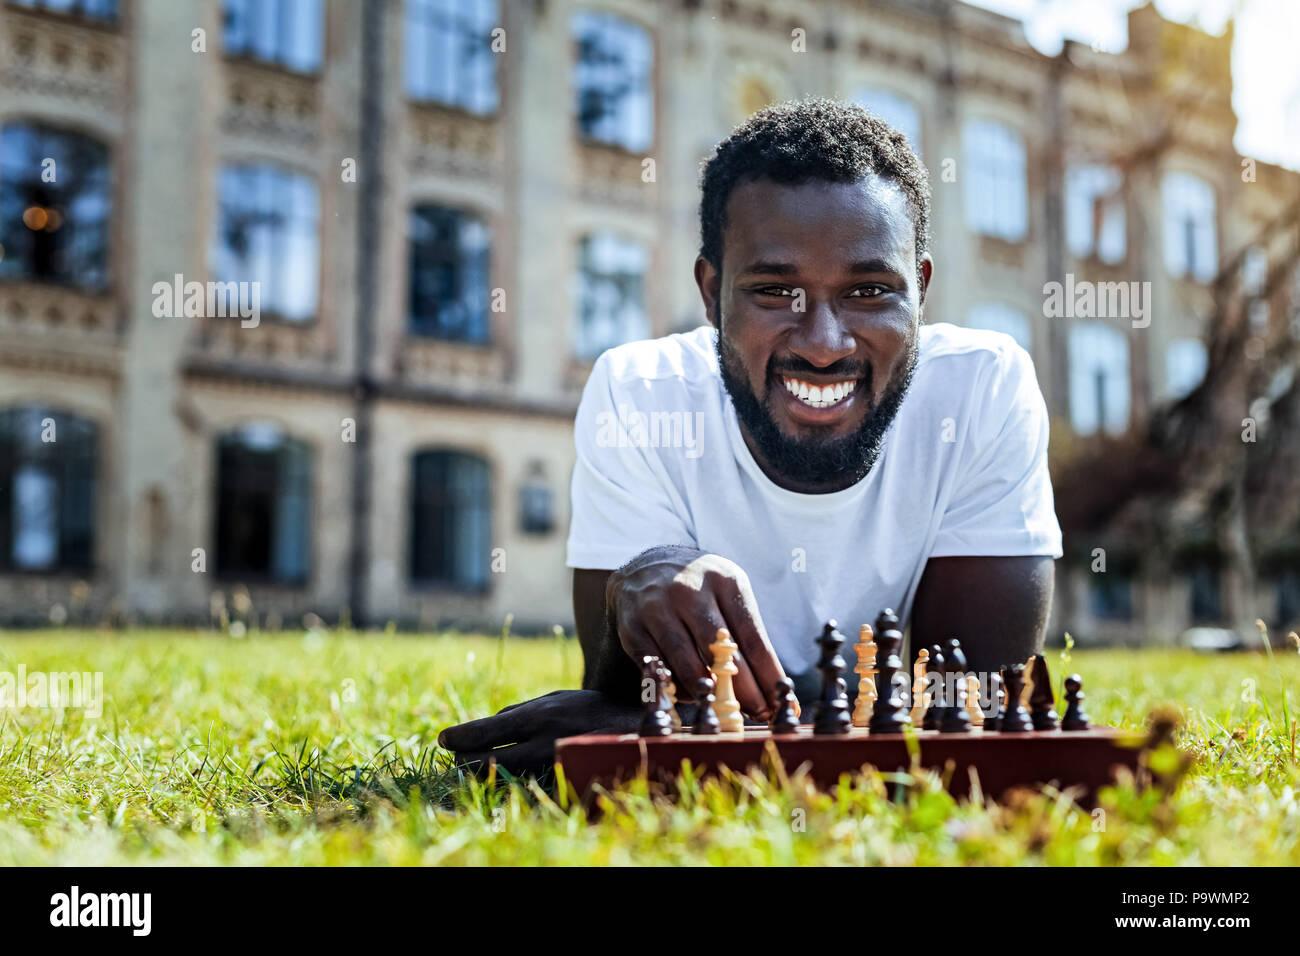 Trasmissione via IR di giovane gentiluomo gioca a scacchi all'aperto Immagini Stock